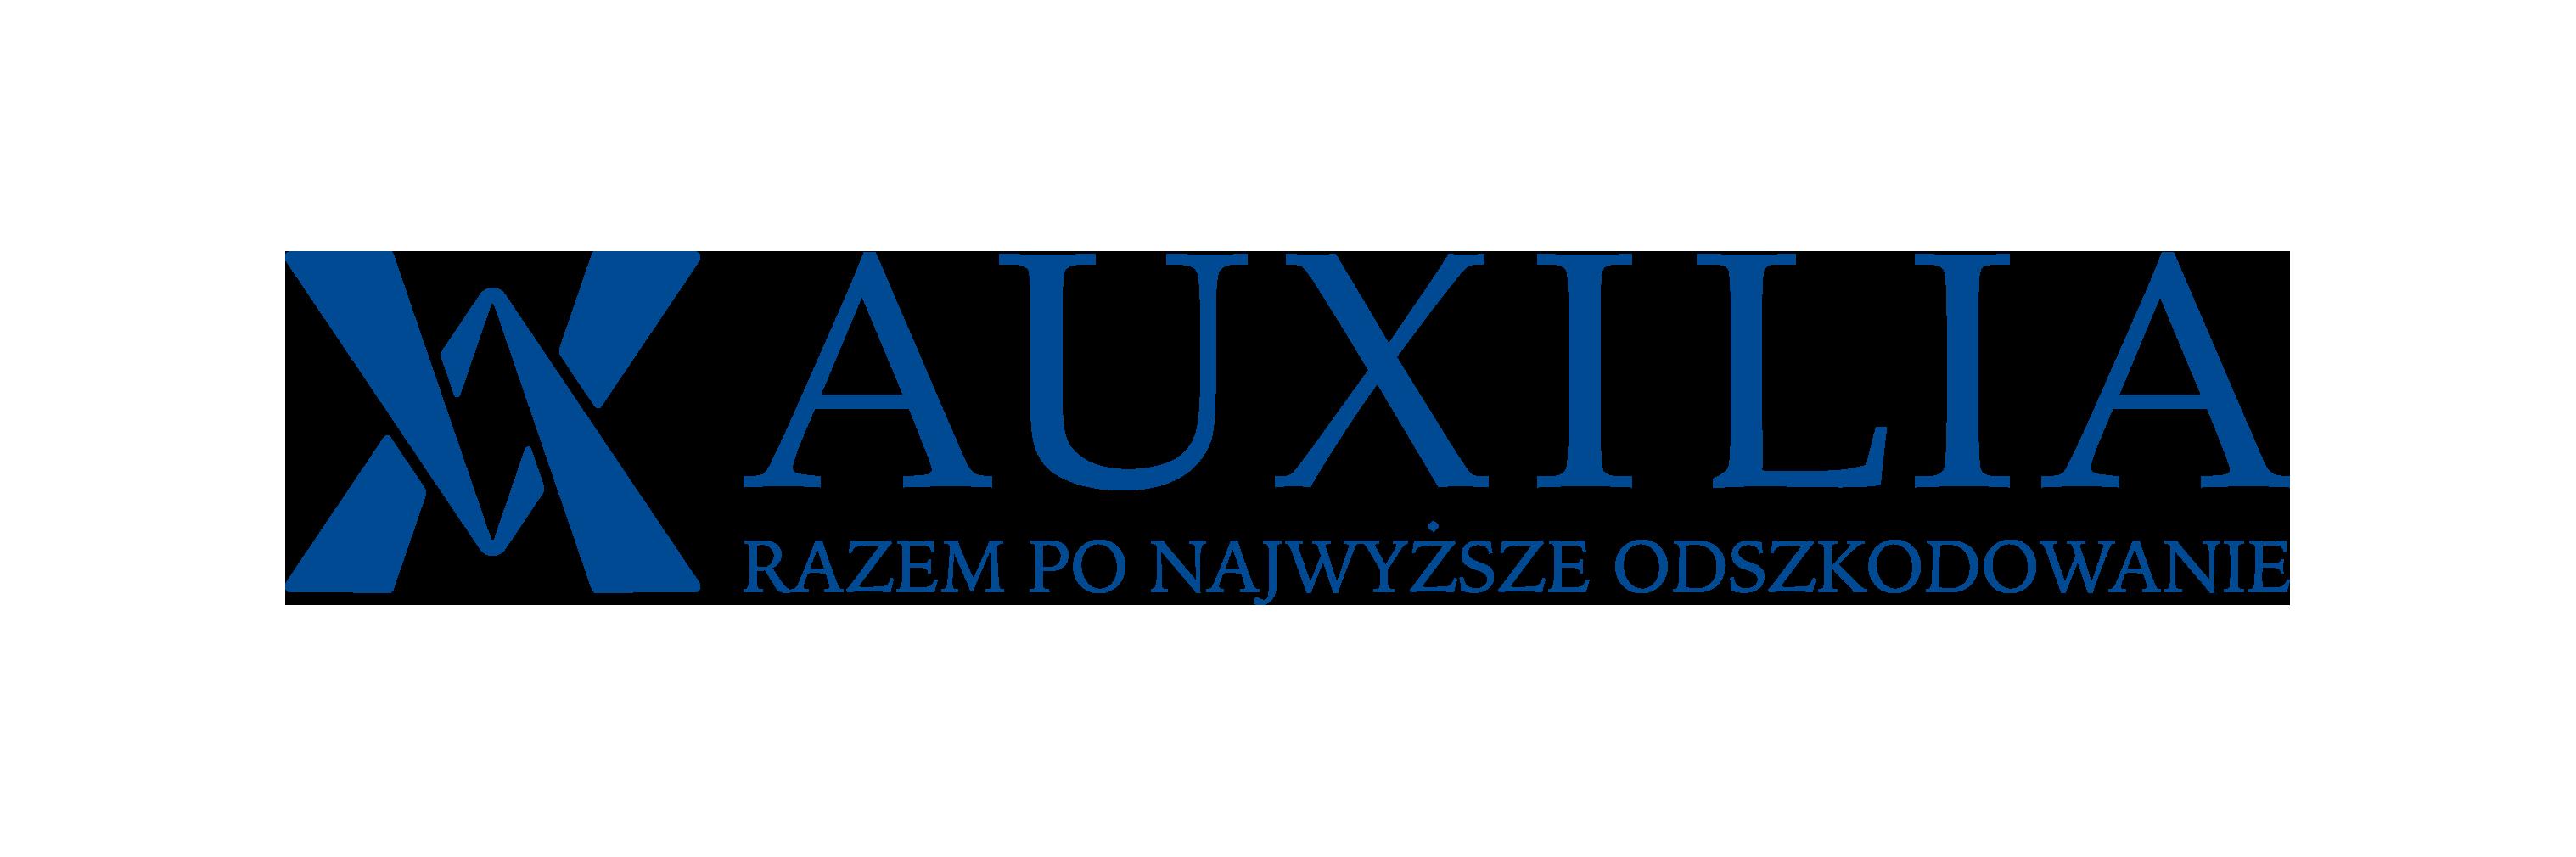 Auxilia prezentuje wyniki po pierwszym półroczu 2016 roku